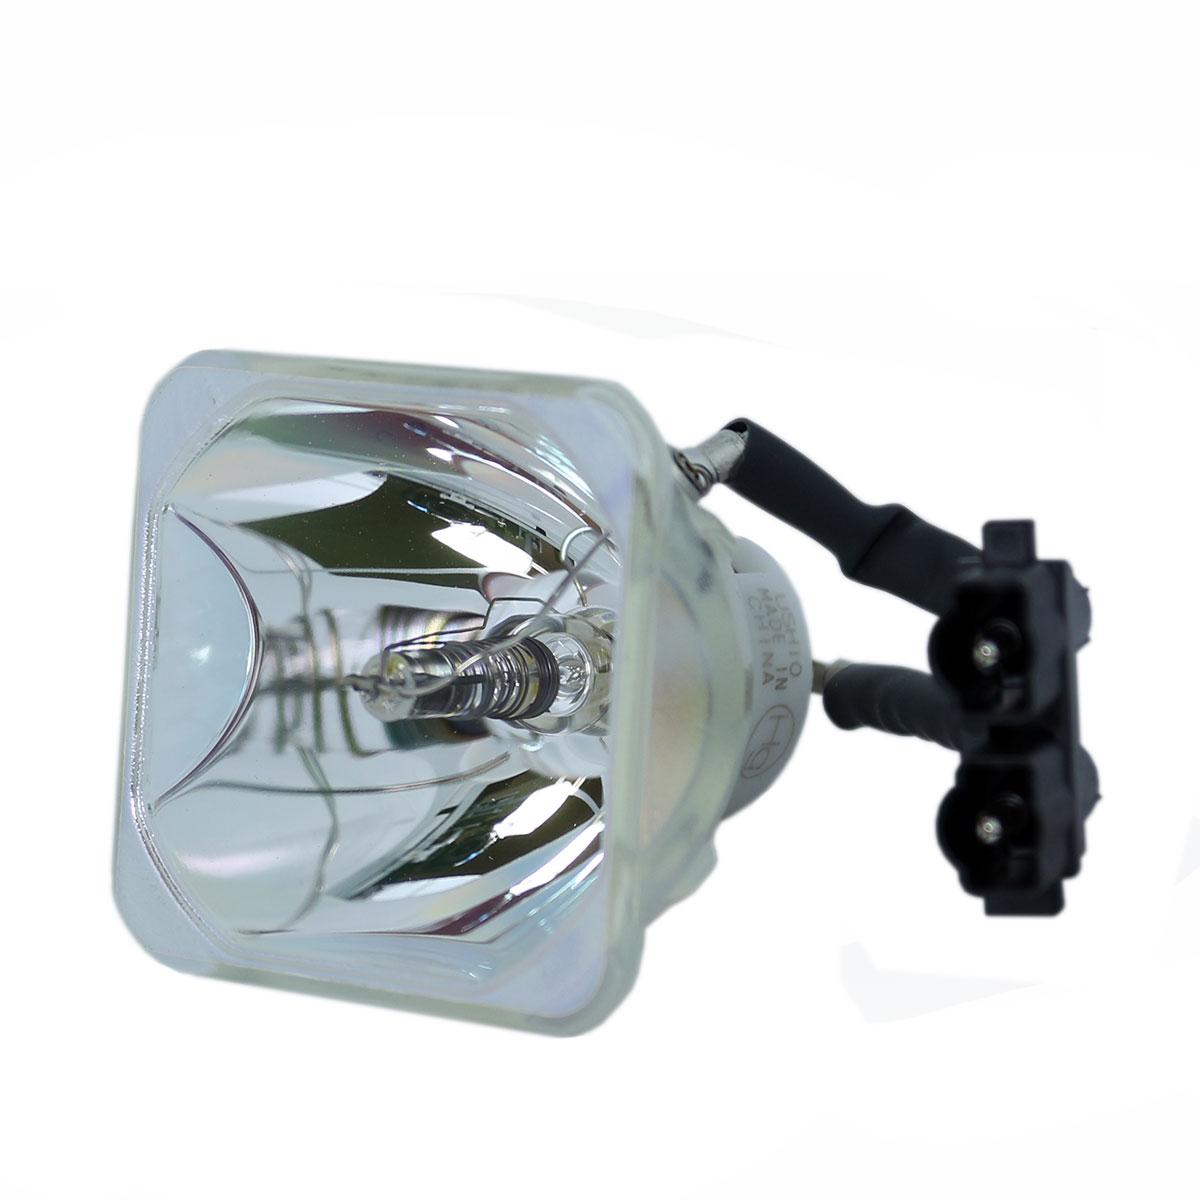 Compatible Bare Bulb VLT-XL5LP VLTXL5LP For Mitsubishi SL5 XL5U XL5 XL6U Projector Bulb Lamp without housing compatible bare bulb vlt xl5lp vltxl5lp for mitsubishi sl5 xl5u xl5 xl6u projector bulb lamp without housing